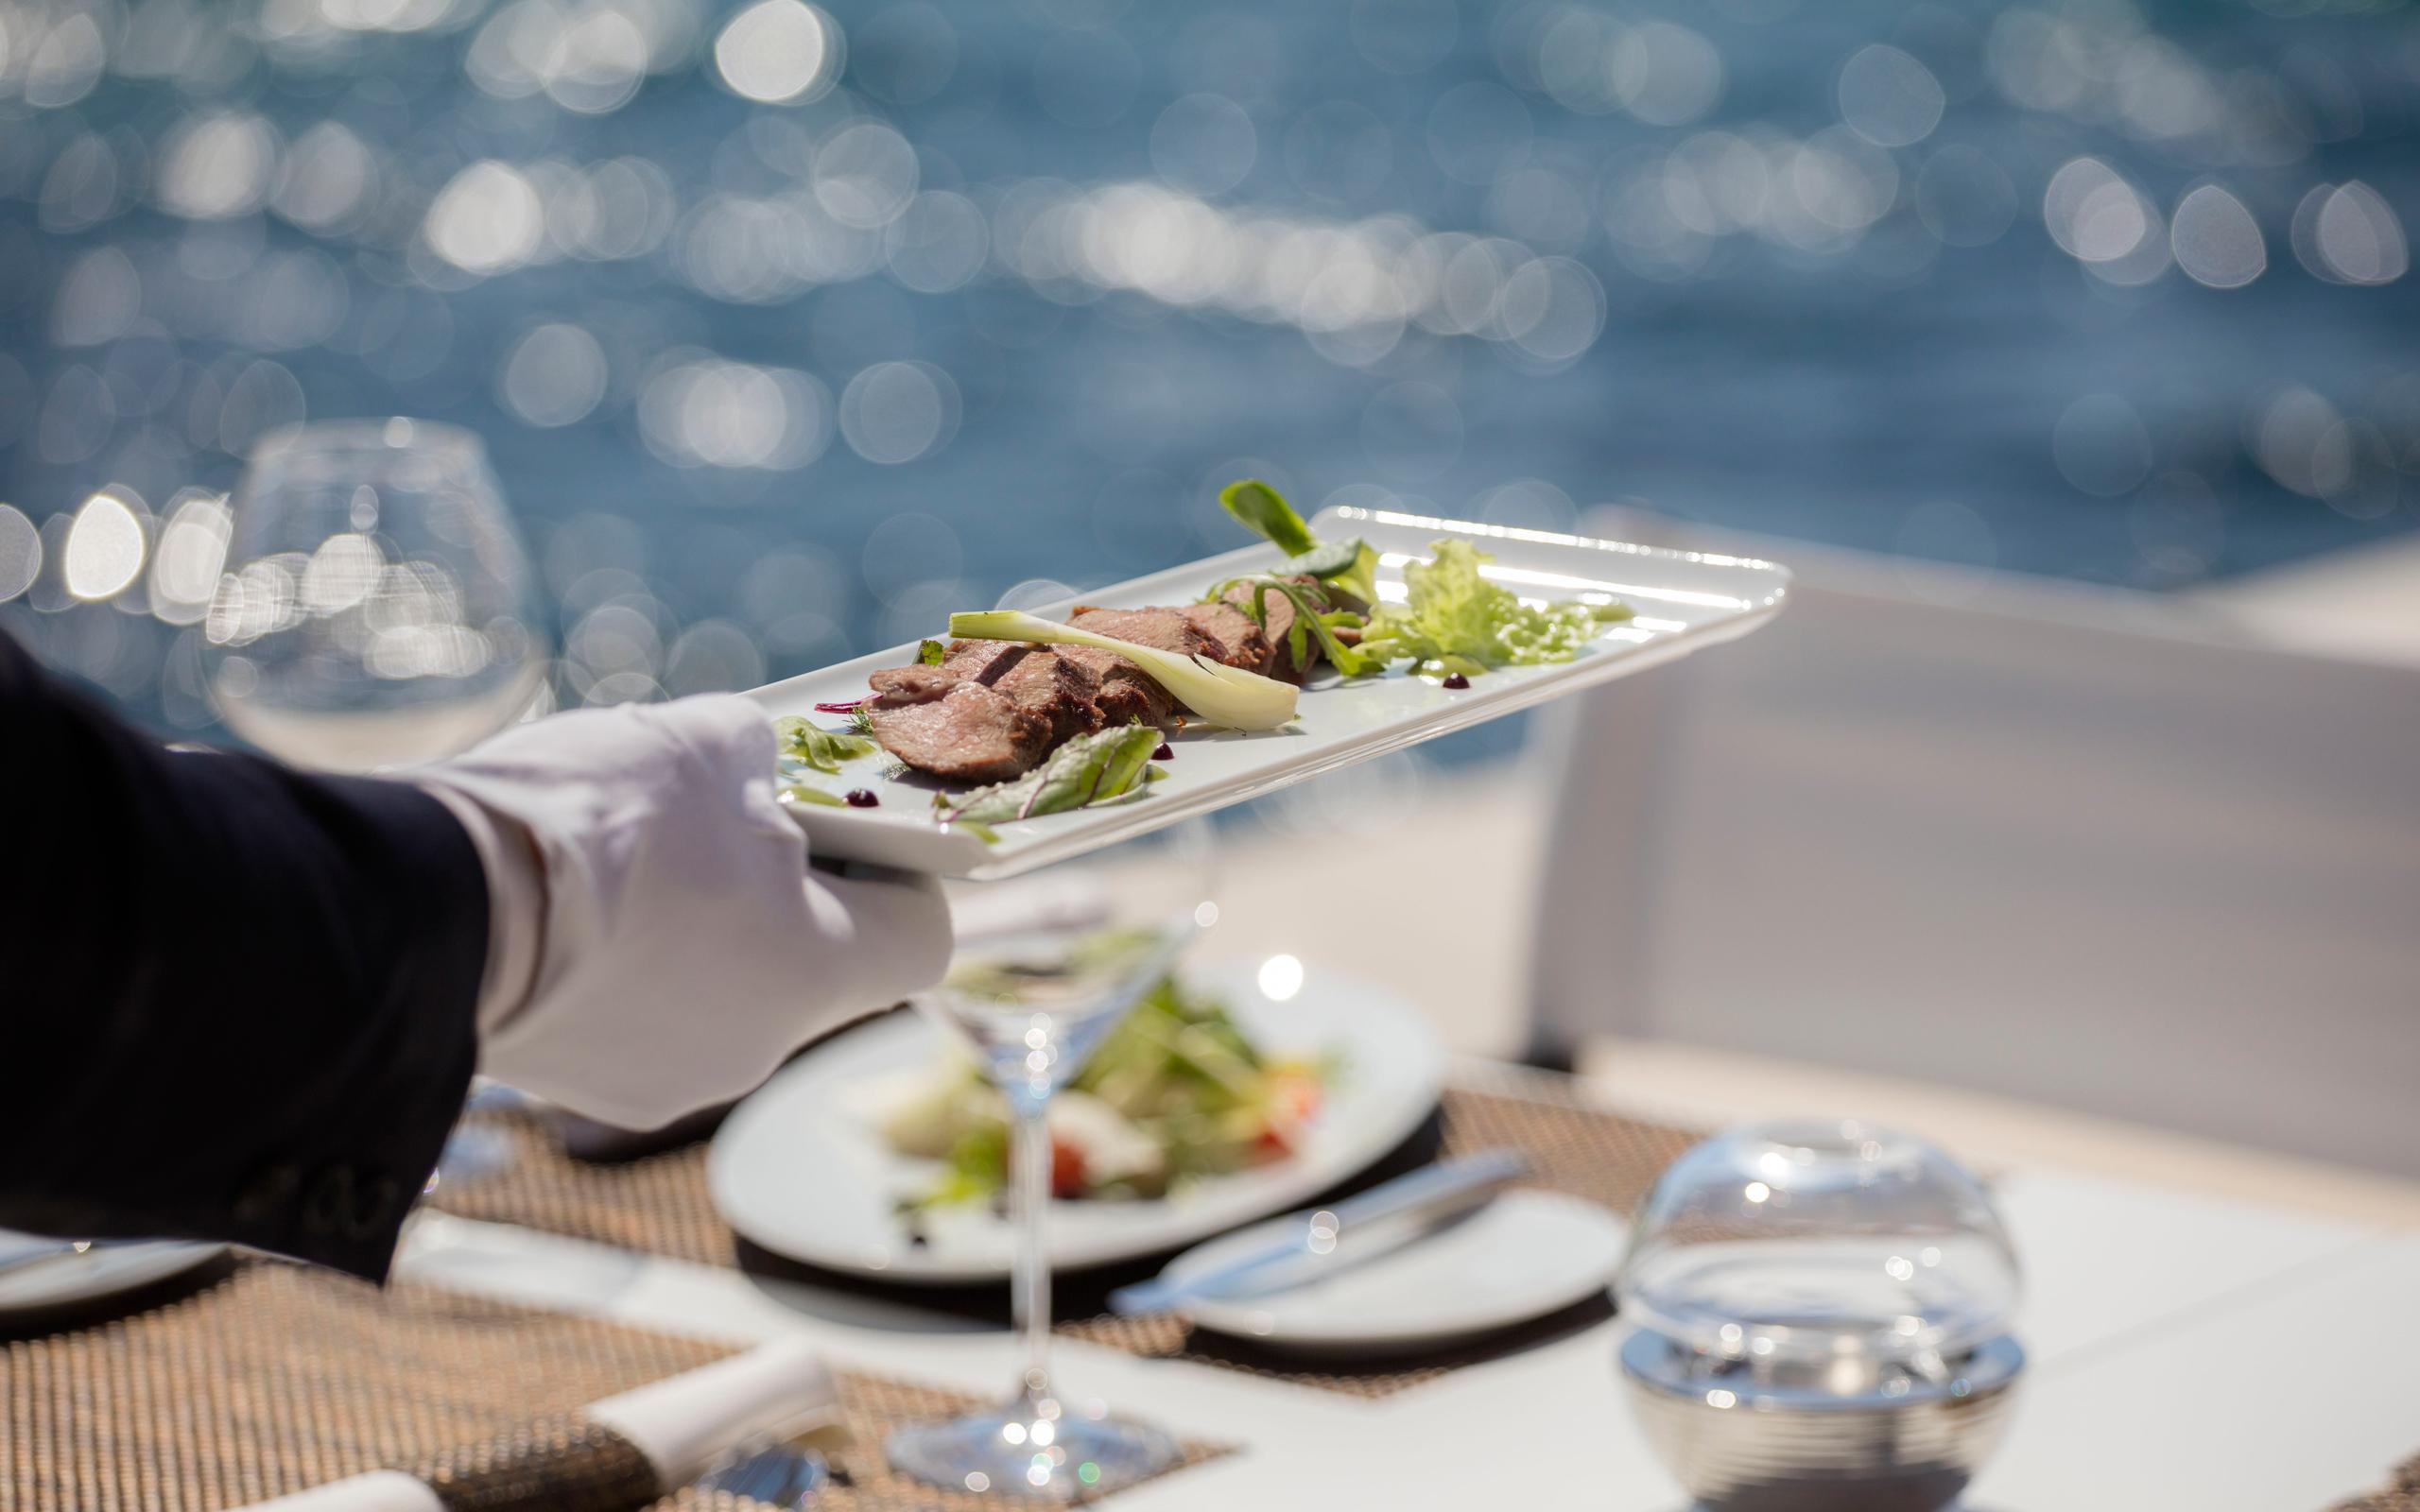 https://www.losinj-hotels.com/assets/Vila-Mirasol/Dining/Dining.jpg